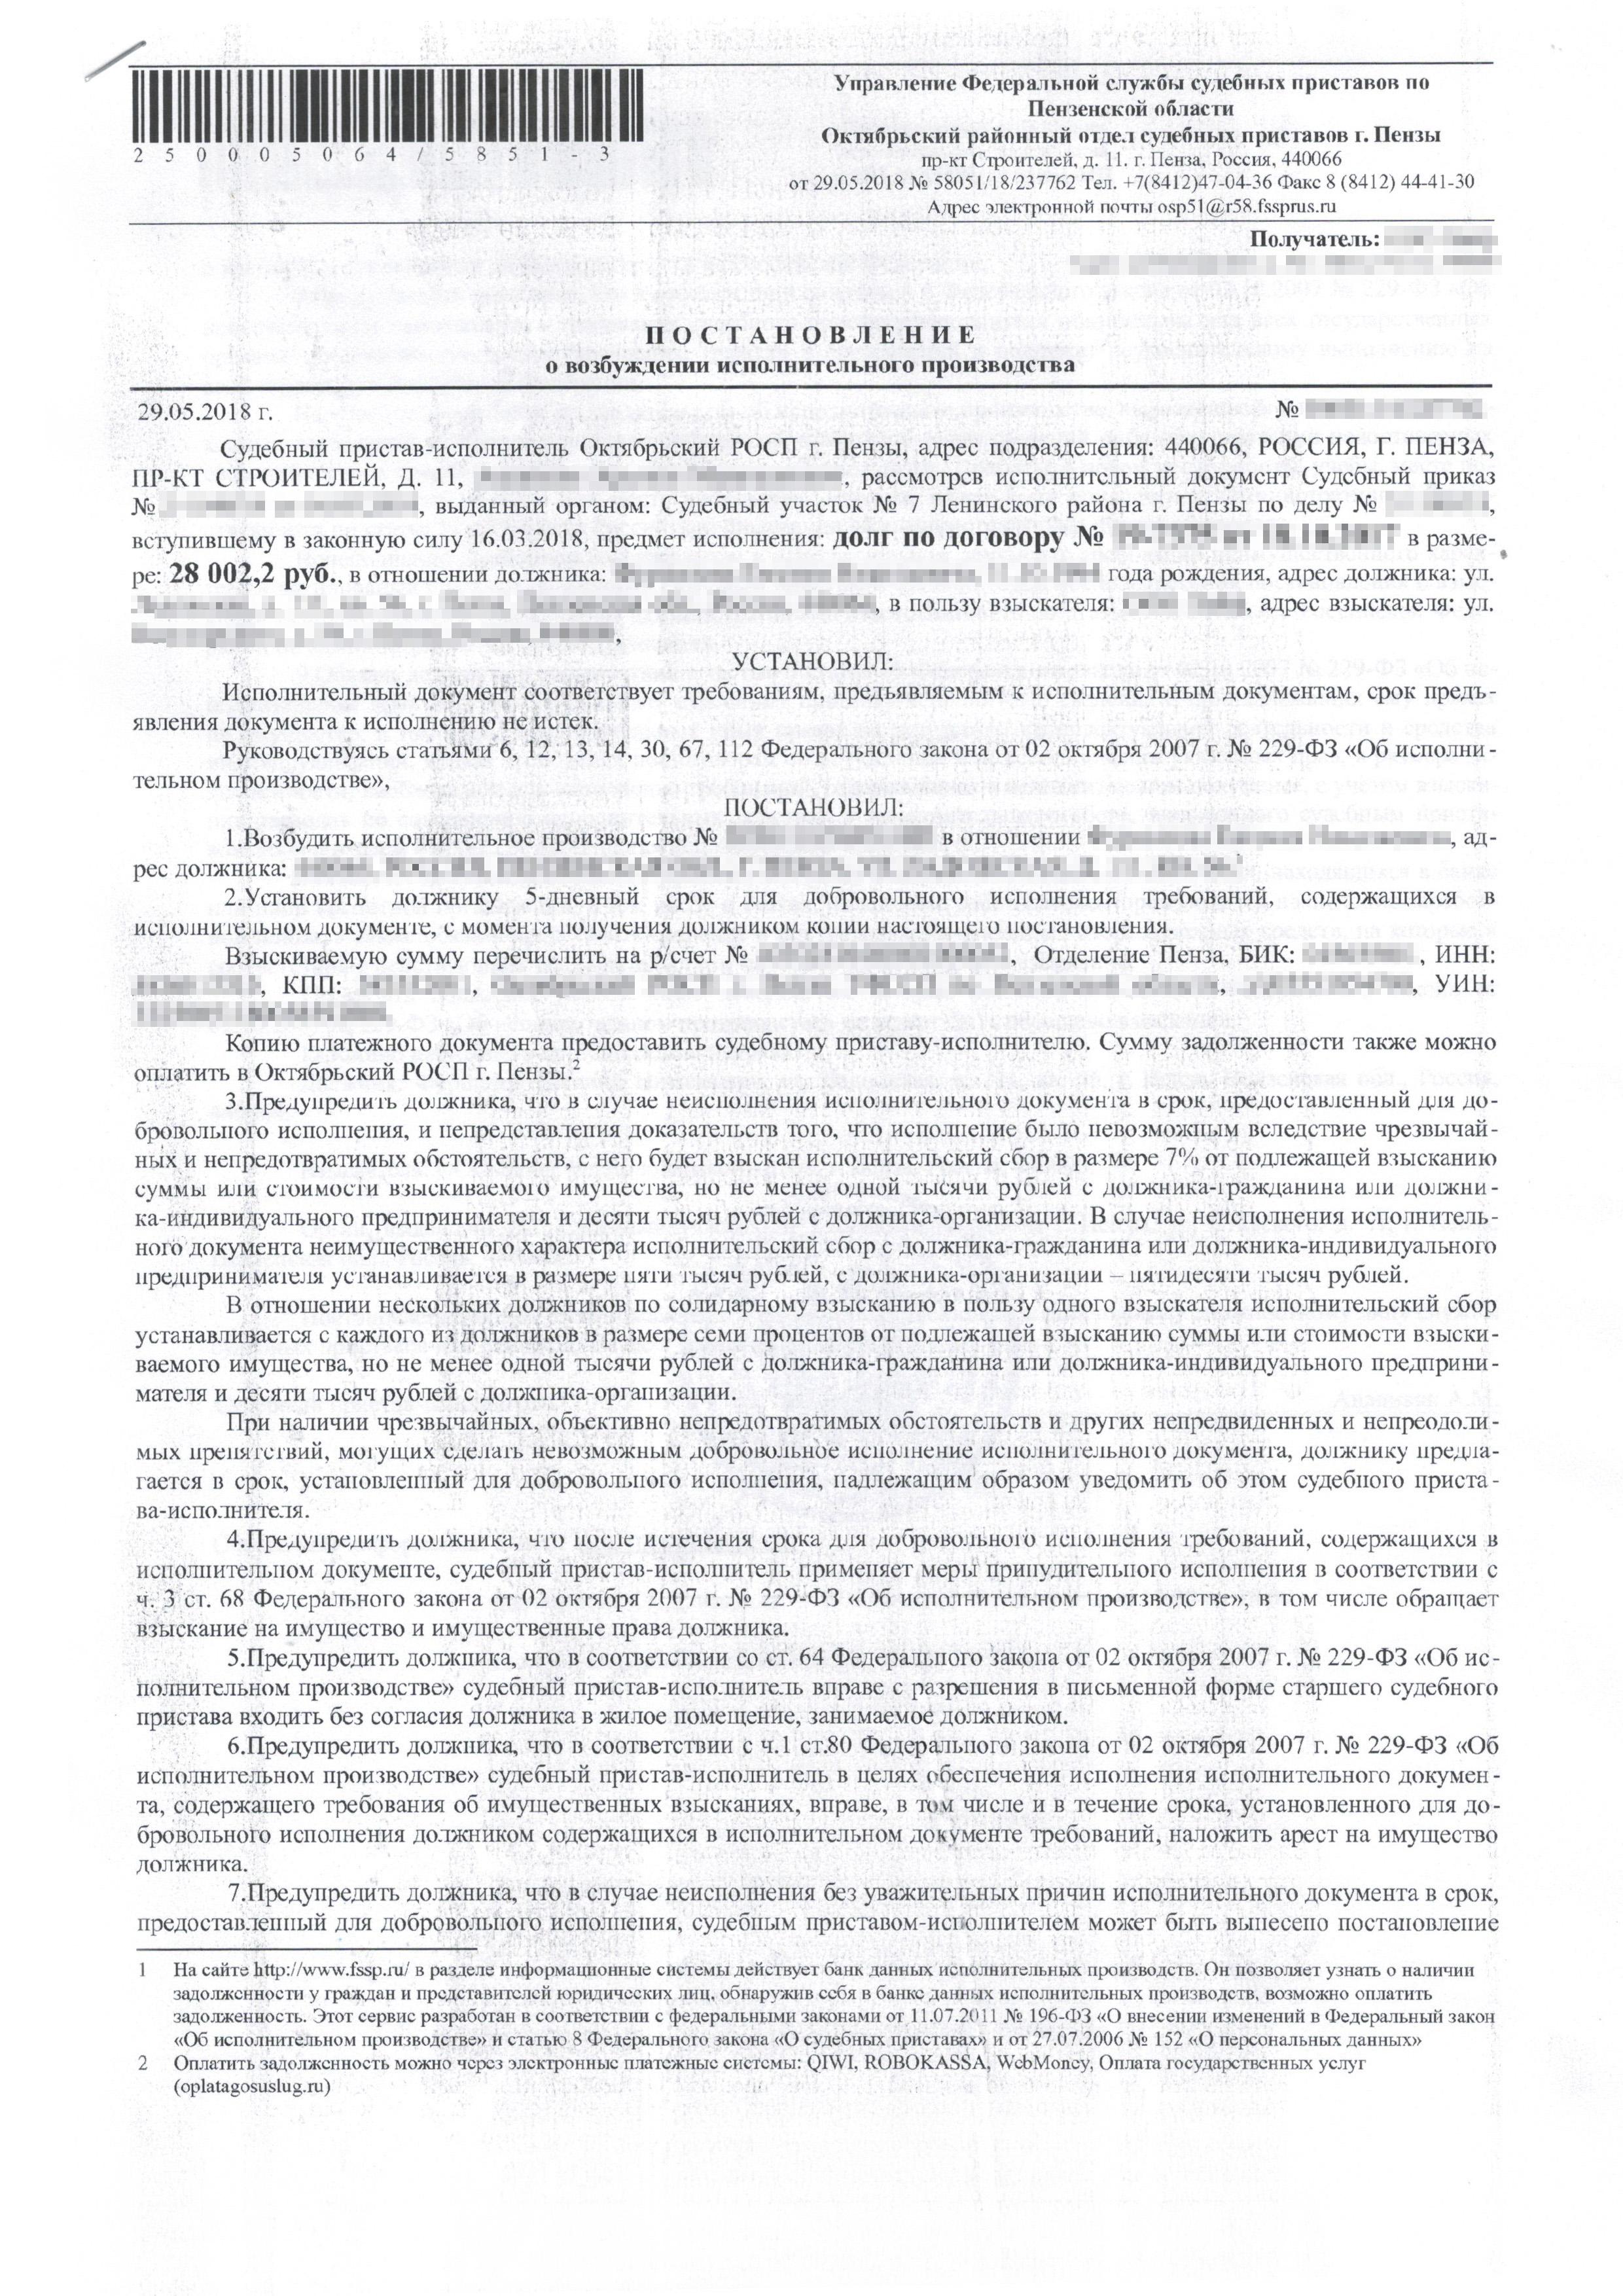 Транспортный налог 2019 для юридических лиц кбк